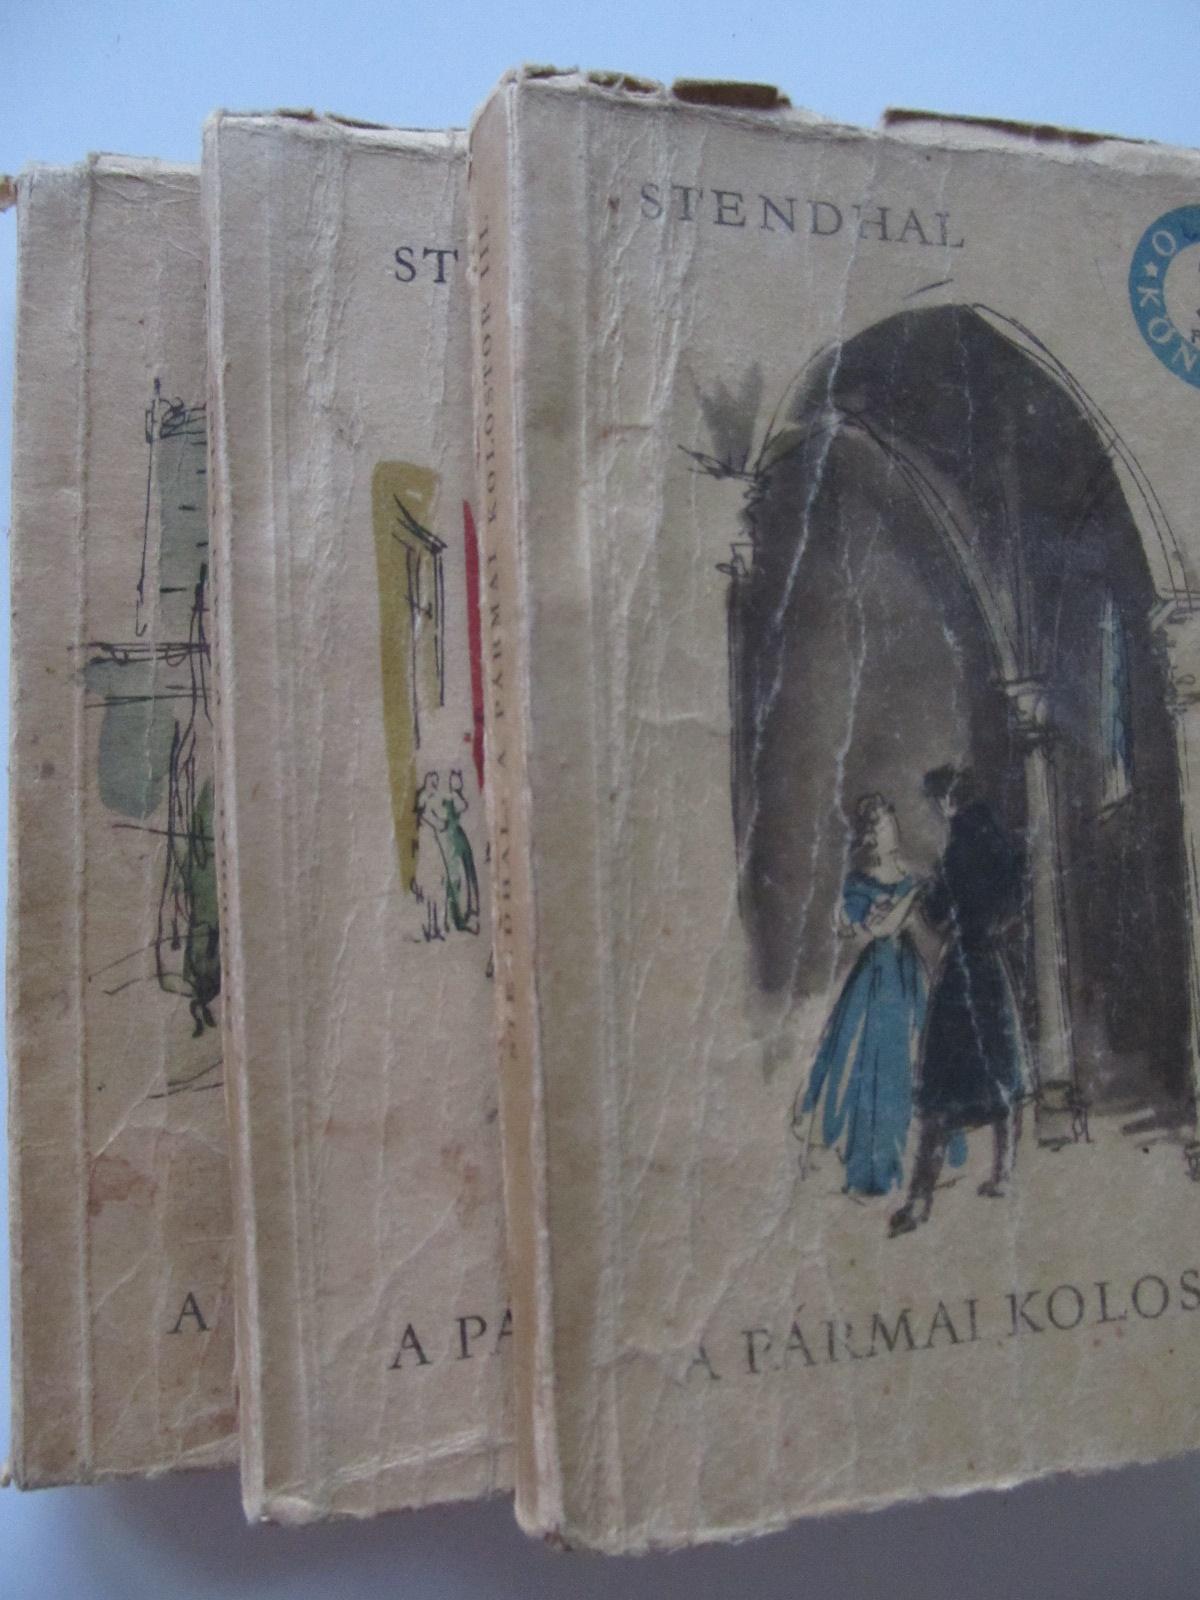 A parmai kolostor (3 vol.) - Stendhal | Detalii carte